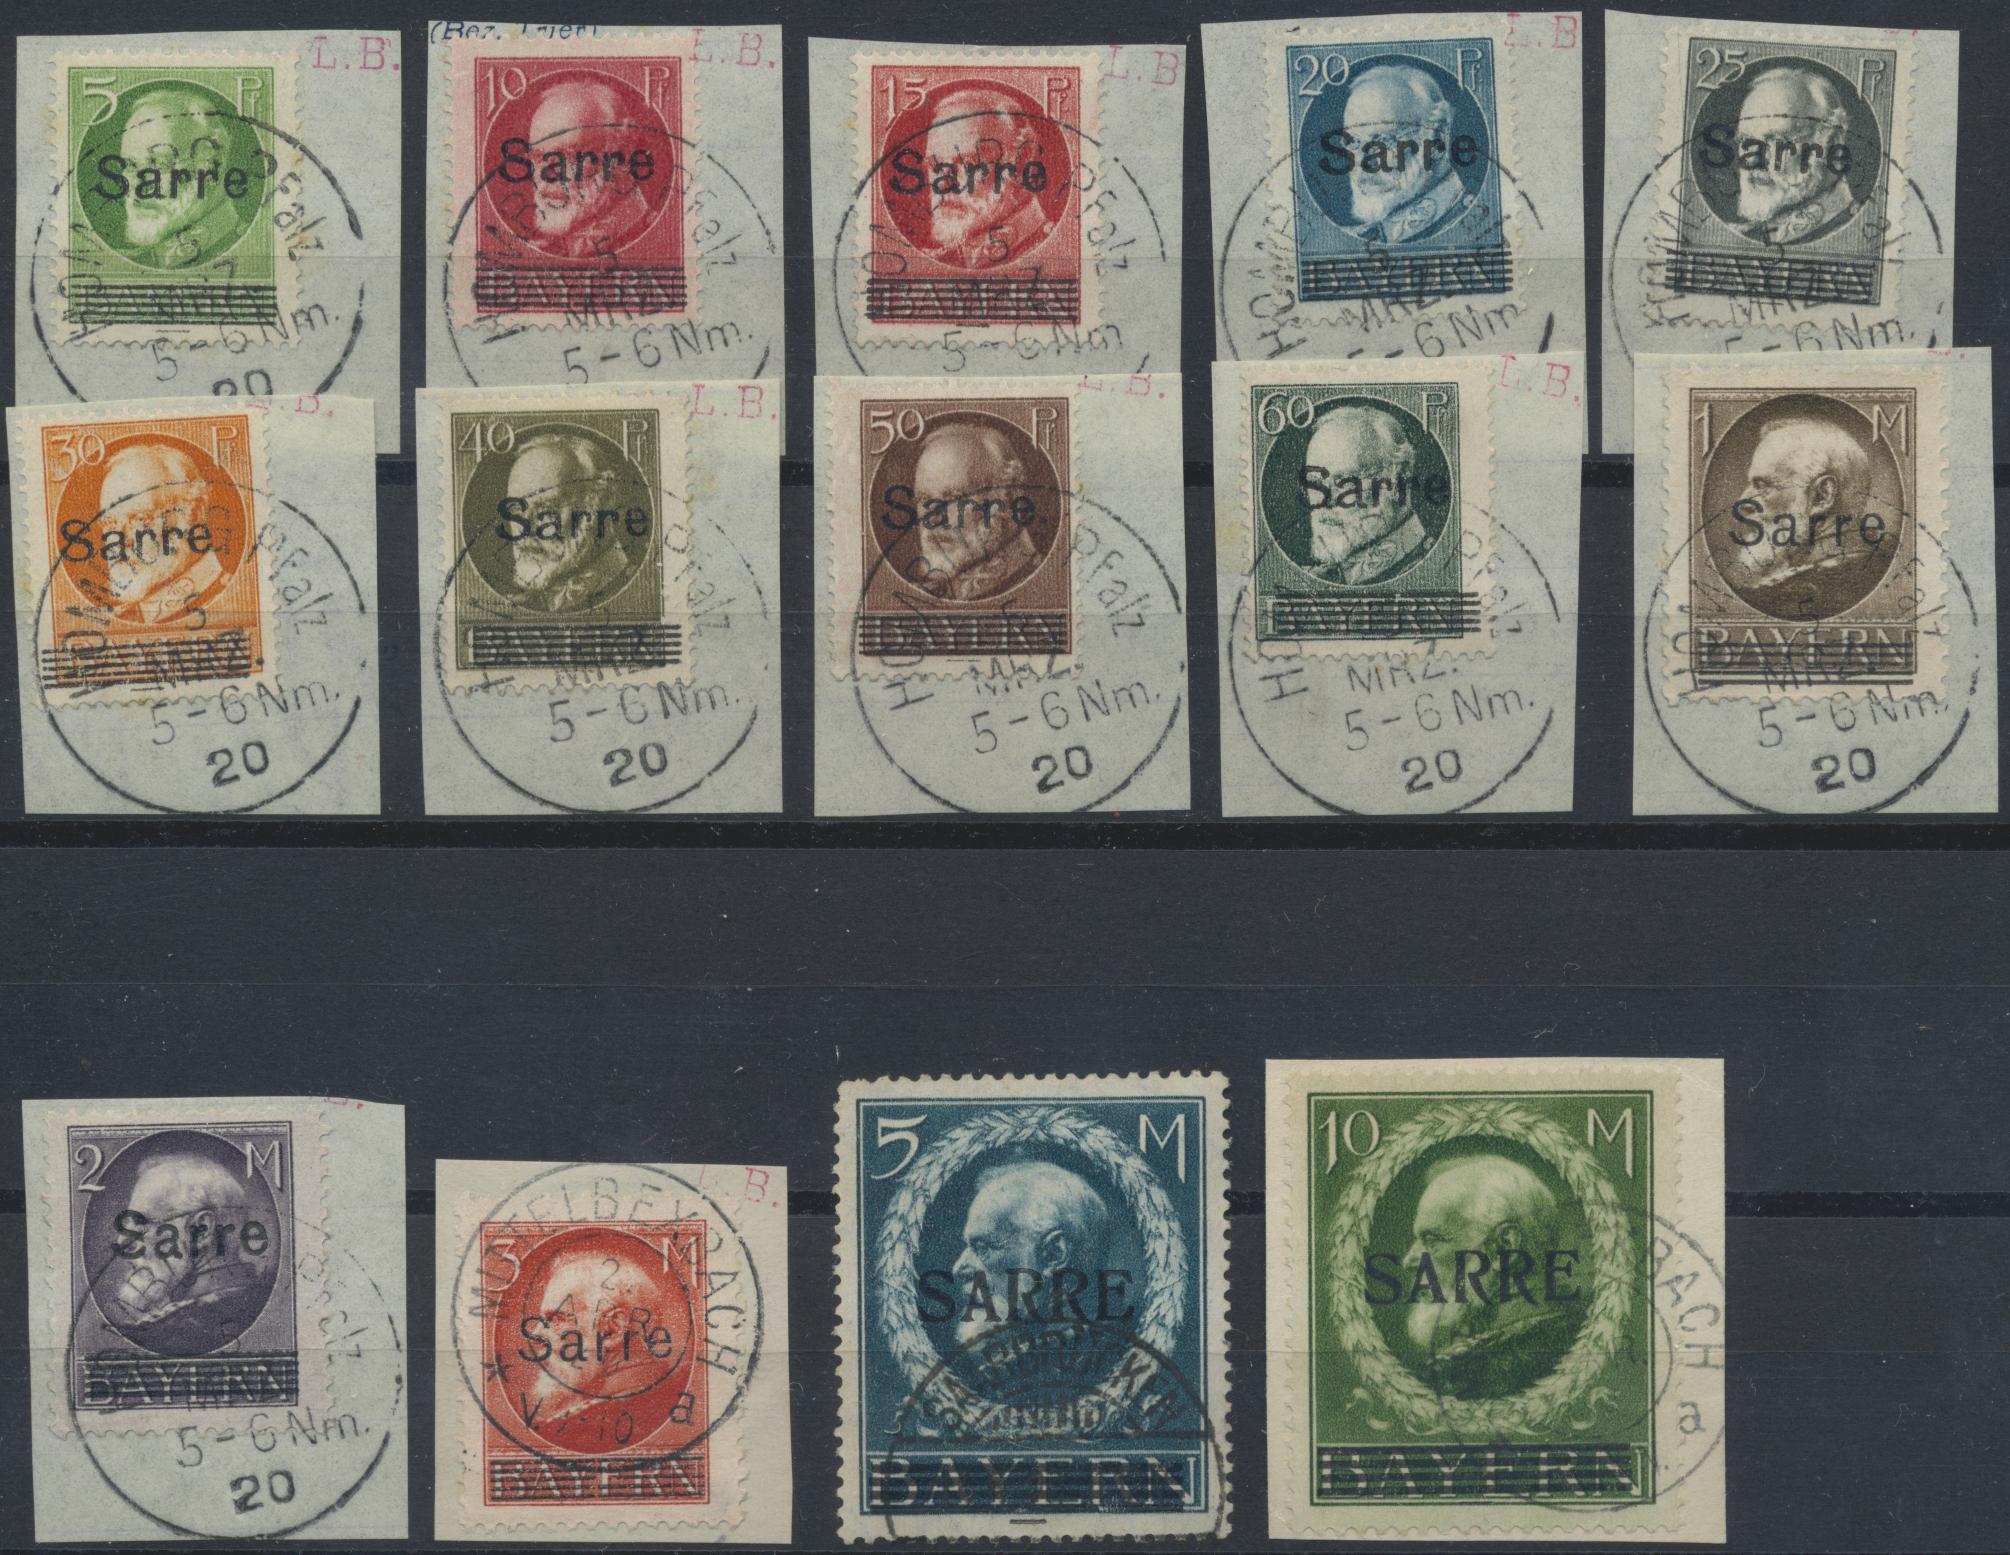 Lot 23662 - Deutsche Abstimmungsgebiete: Saargebiet  -  Auktionshaus Christoph Gärtner GmbH & Co. KG 50th Auction Anniversary Auction - Day 7